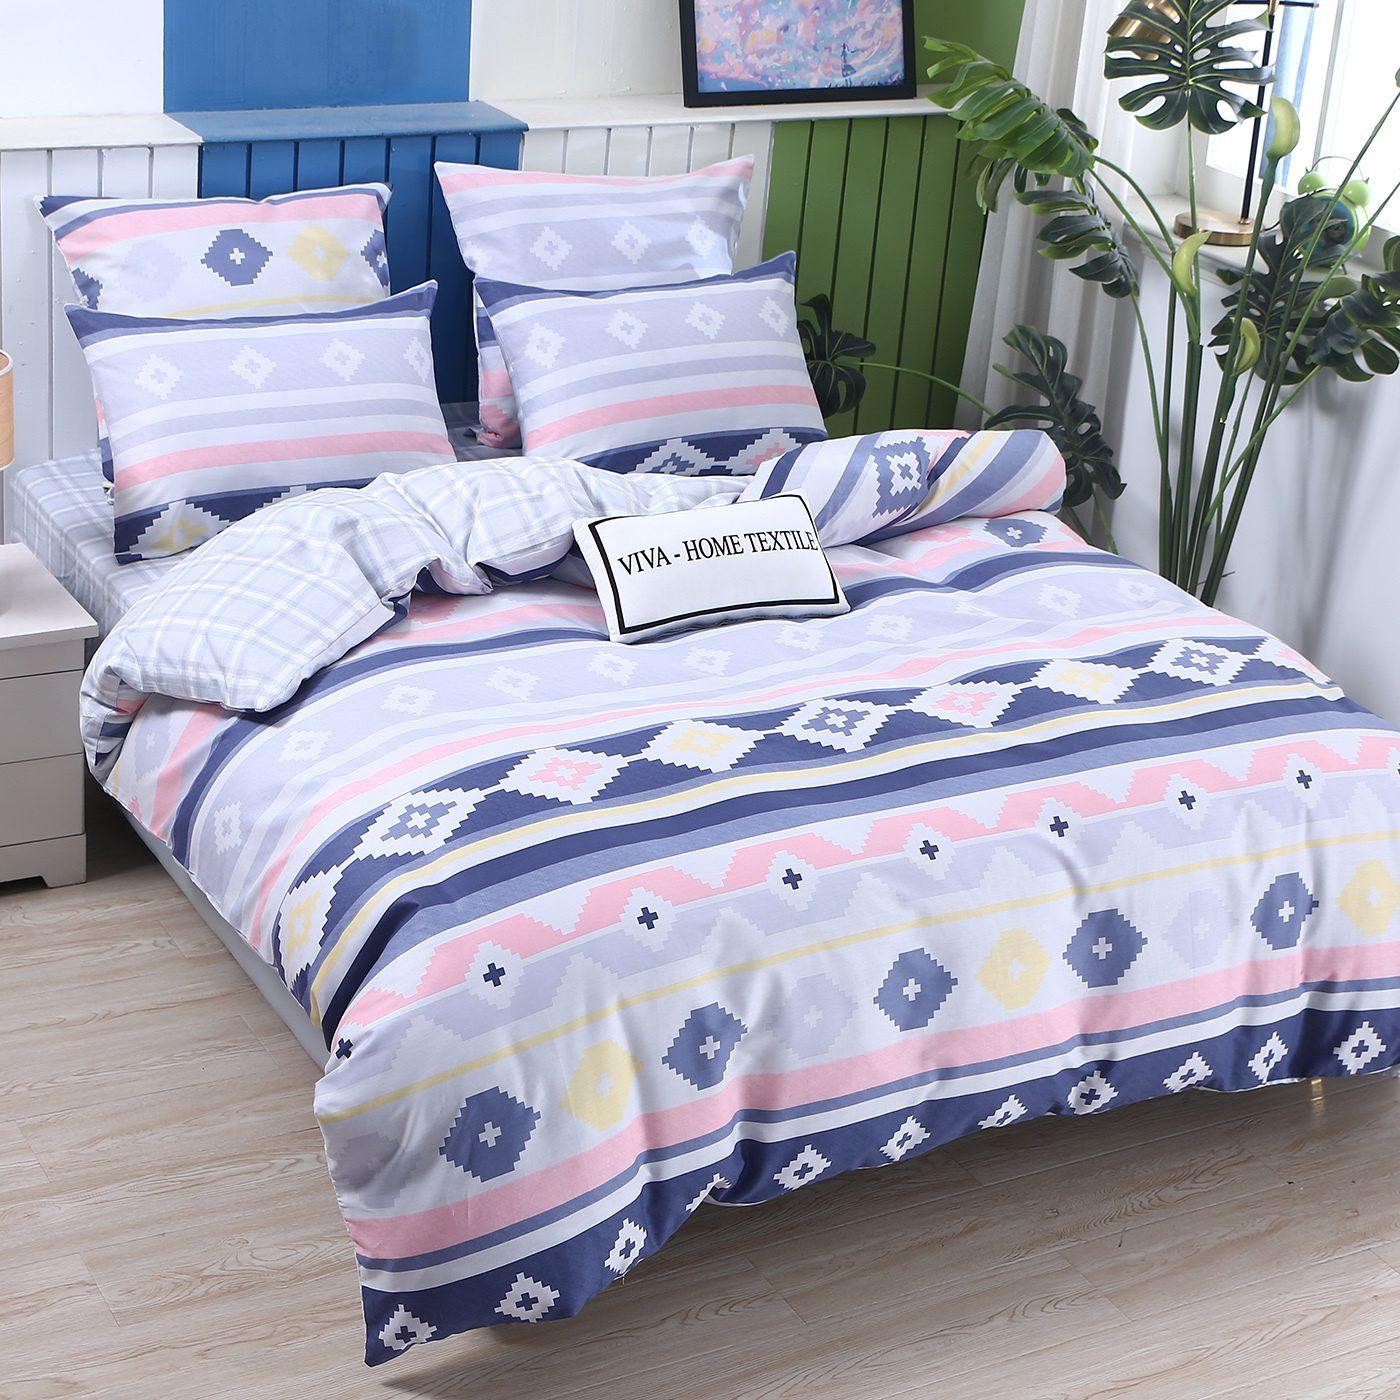 Комплект постельного белья Сатин 100% хлопок C489